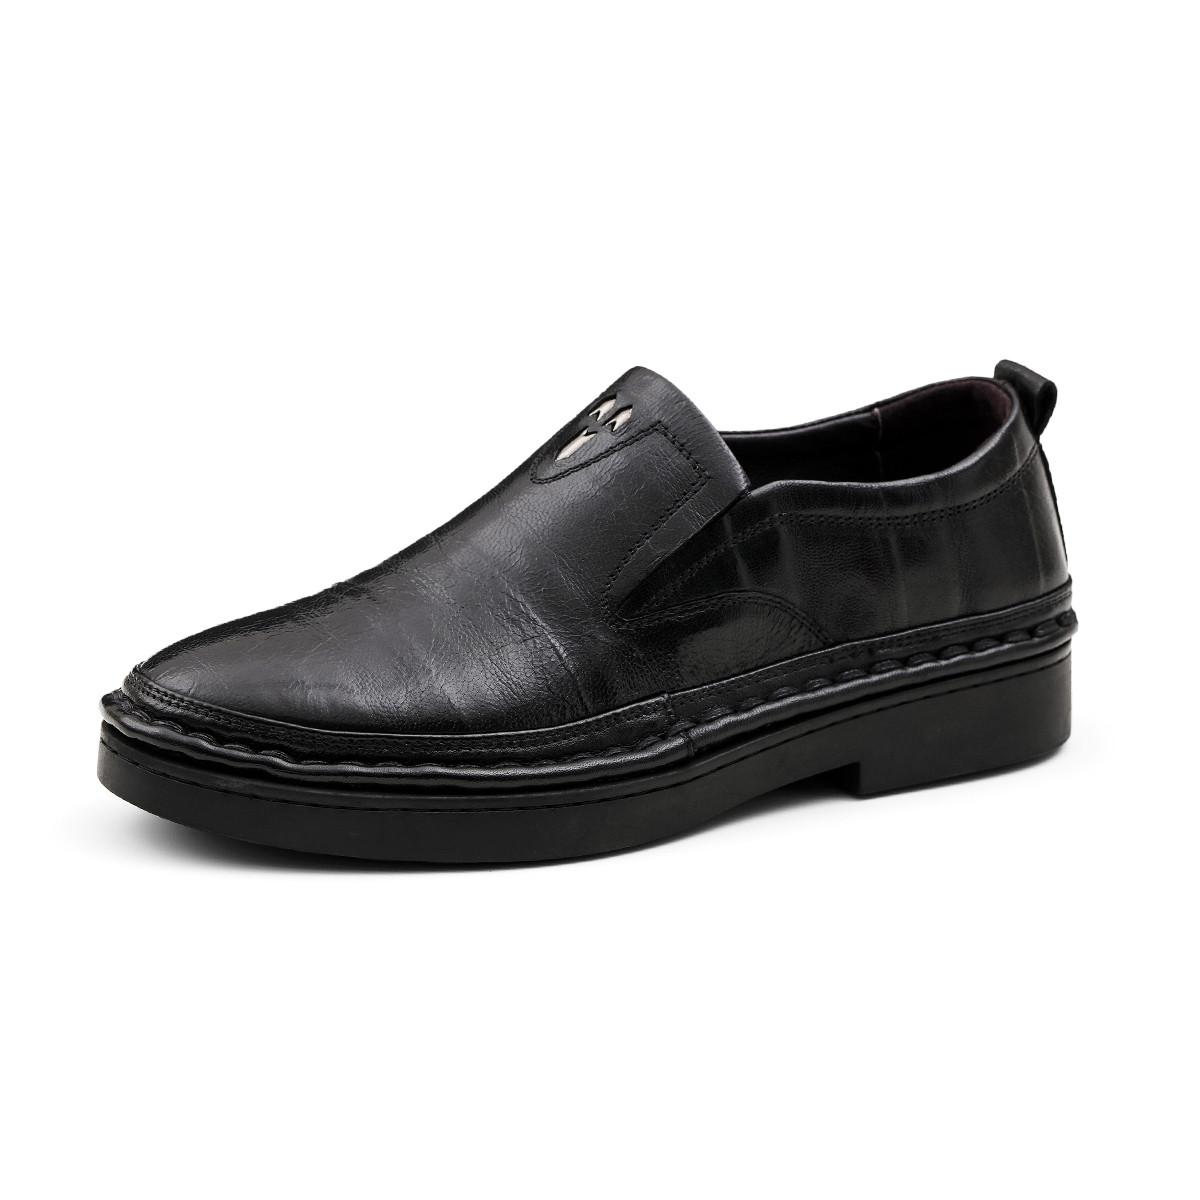 波尔谛奇新款真皮男鞋英伦软底舒适套脚乐福鞋司机鞋男士商务皮鞋德比鞋K8X81120-3-H1